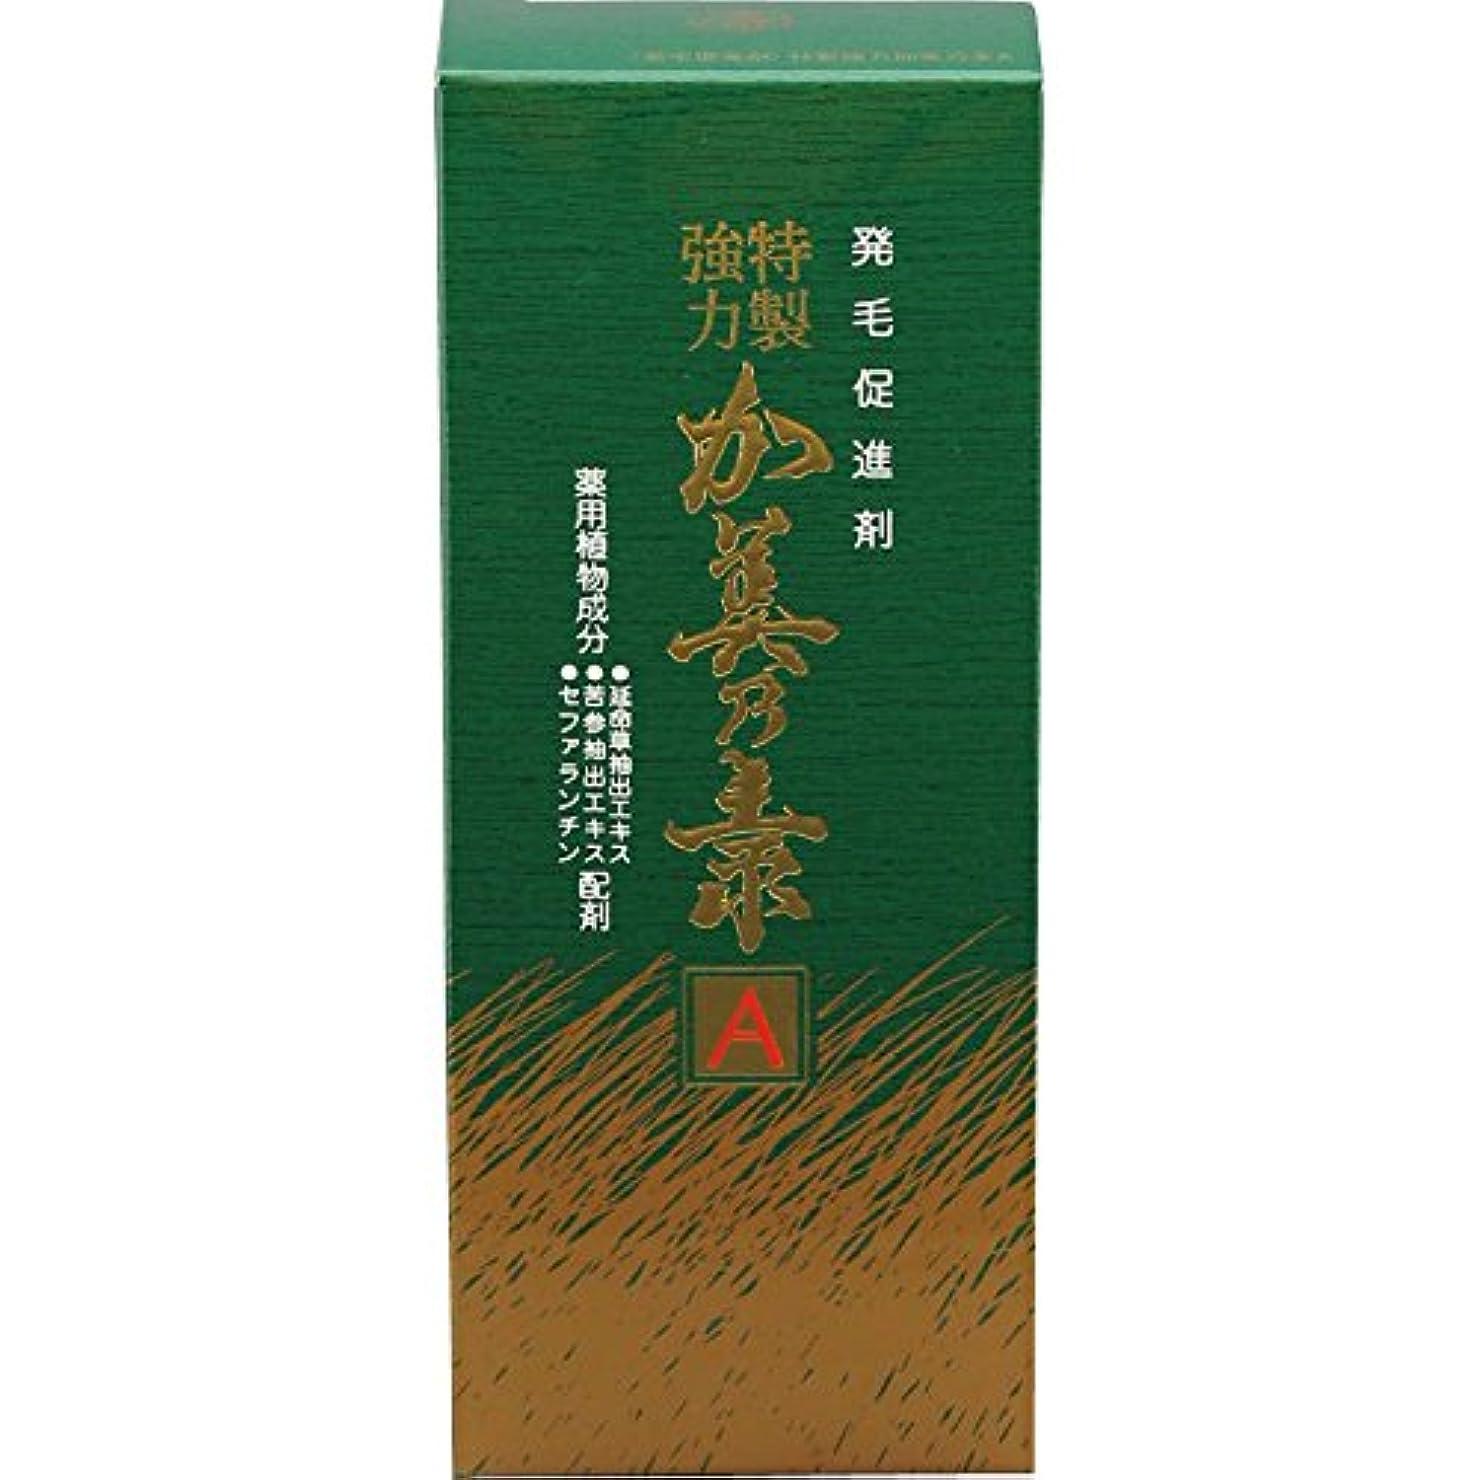 嘆く放棄された野生特製強力加美乃素A フレッシュシトラスの香り 180mL 【医薬部外品】